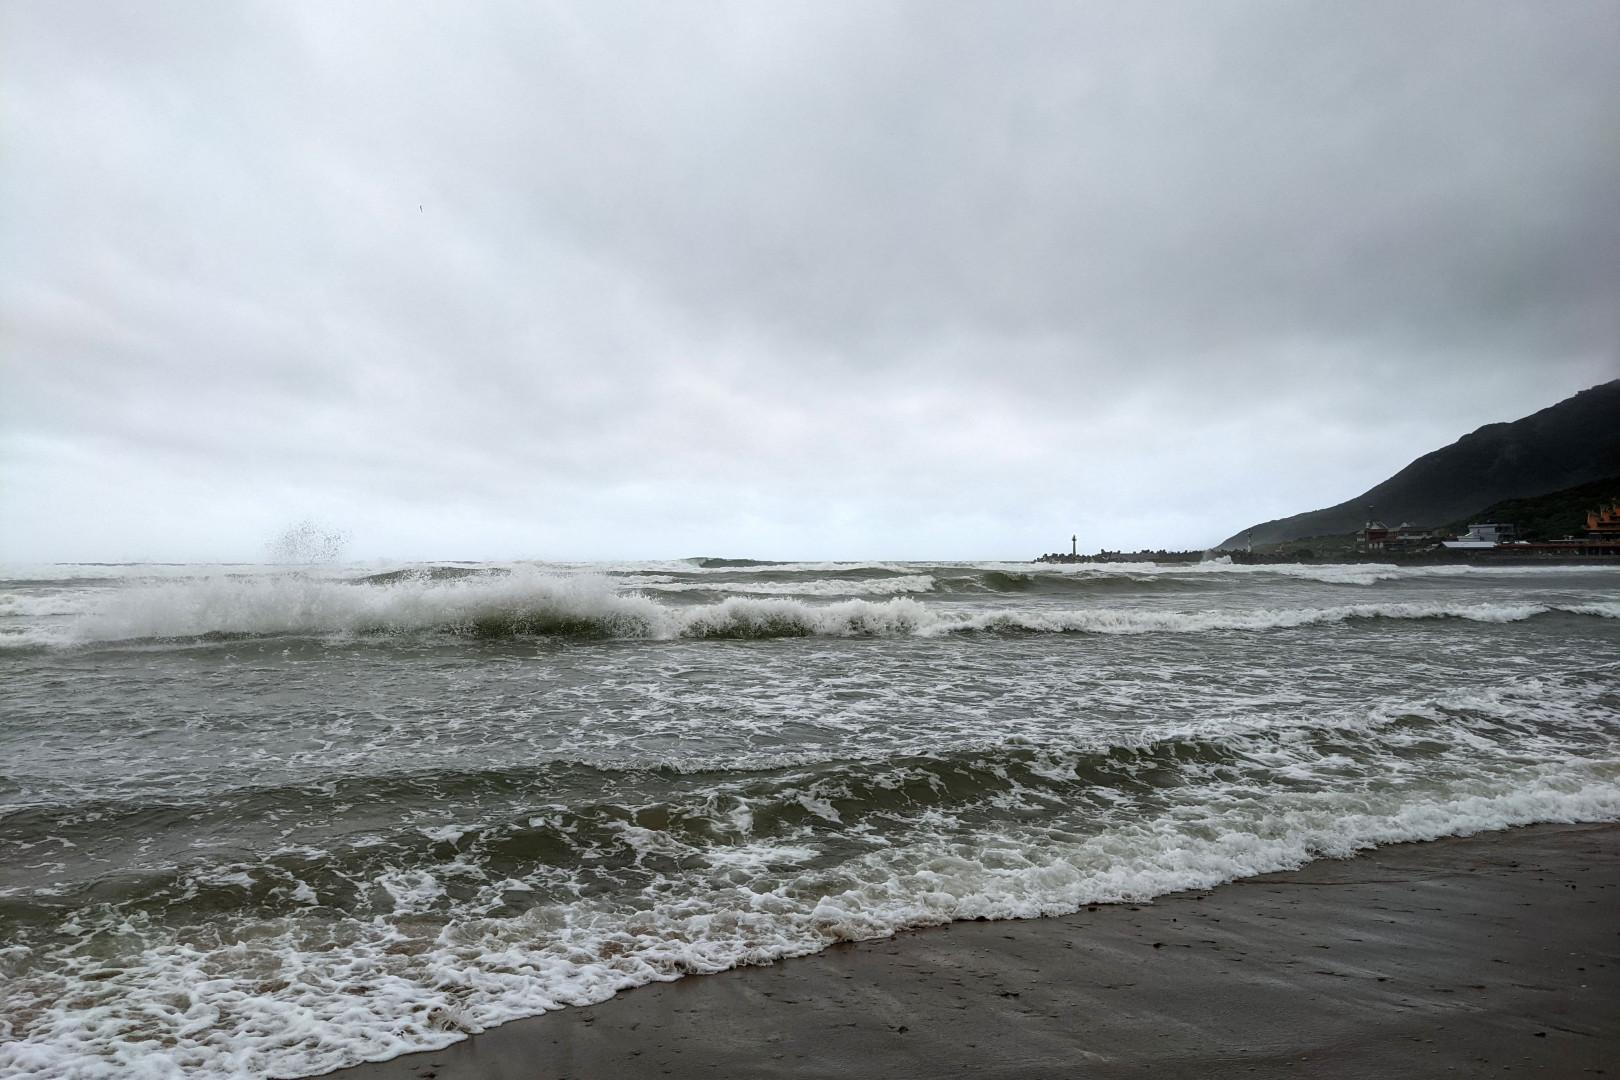 【觀點】張景泓/南澳海蝕洞受困事件:氣象判讀與沙灘行車技巧